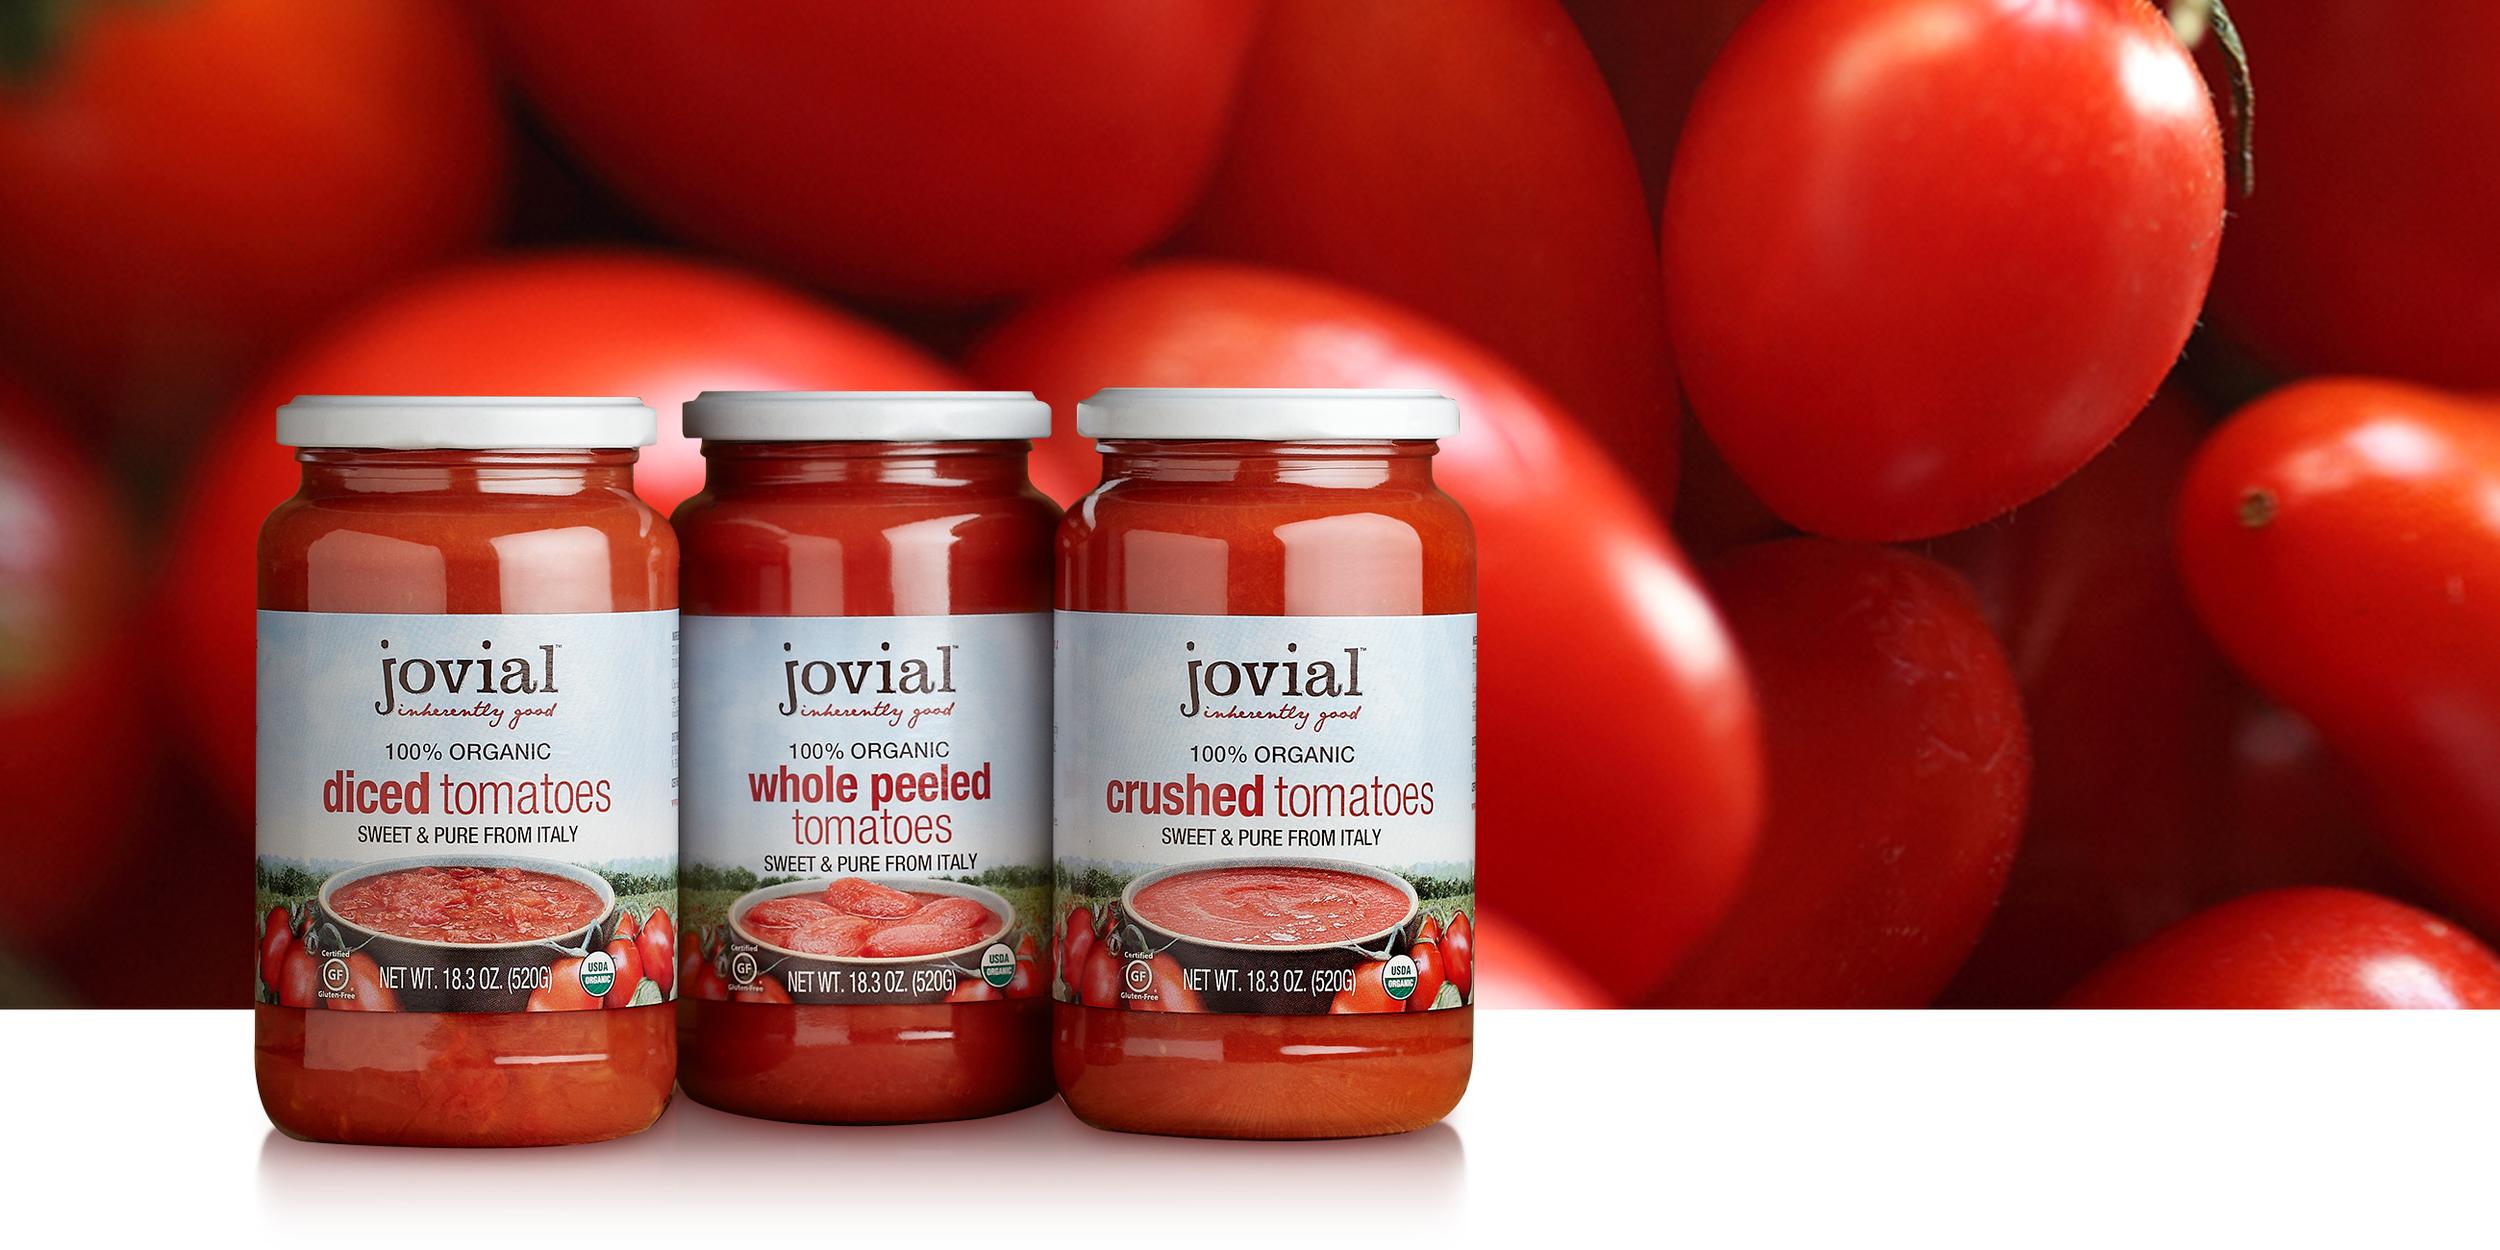 jovial_packaging_2.jpg